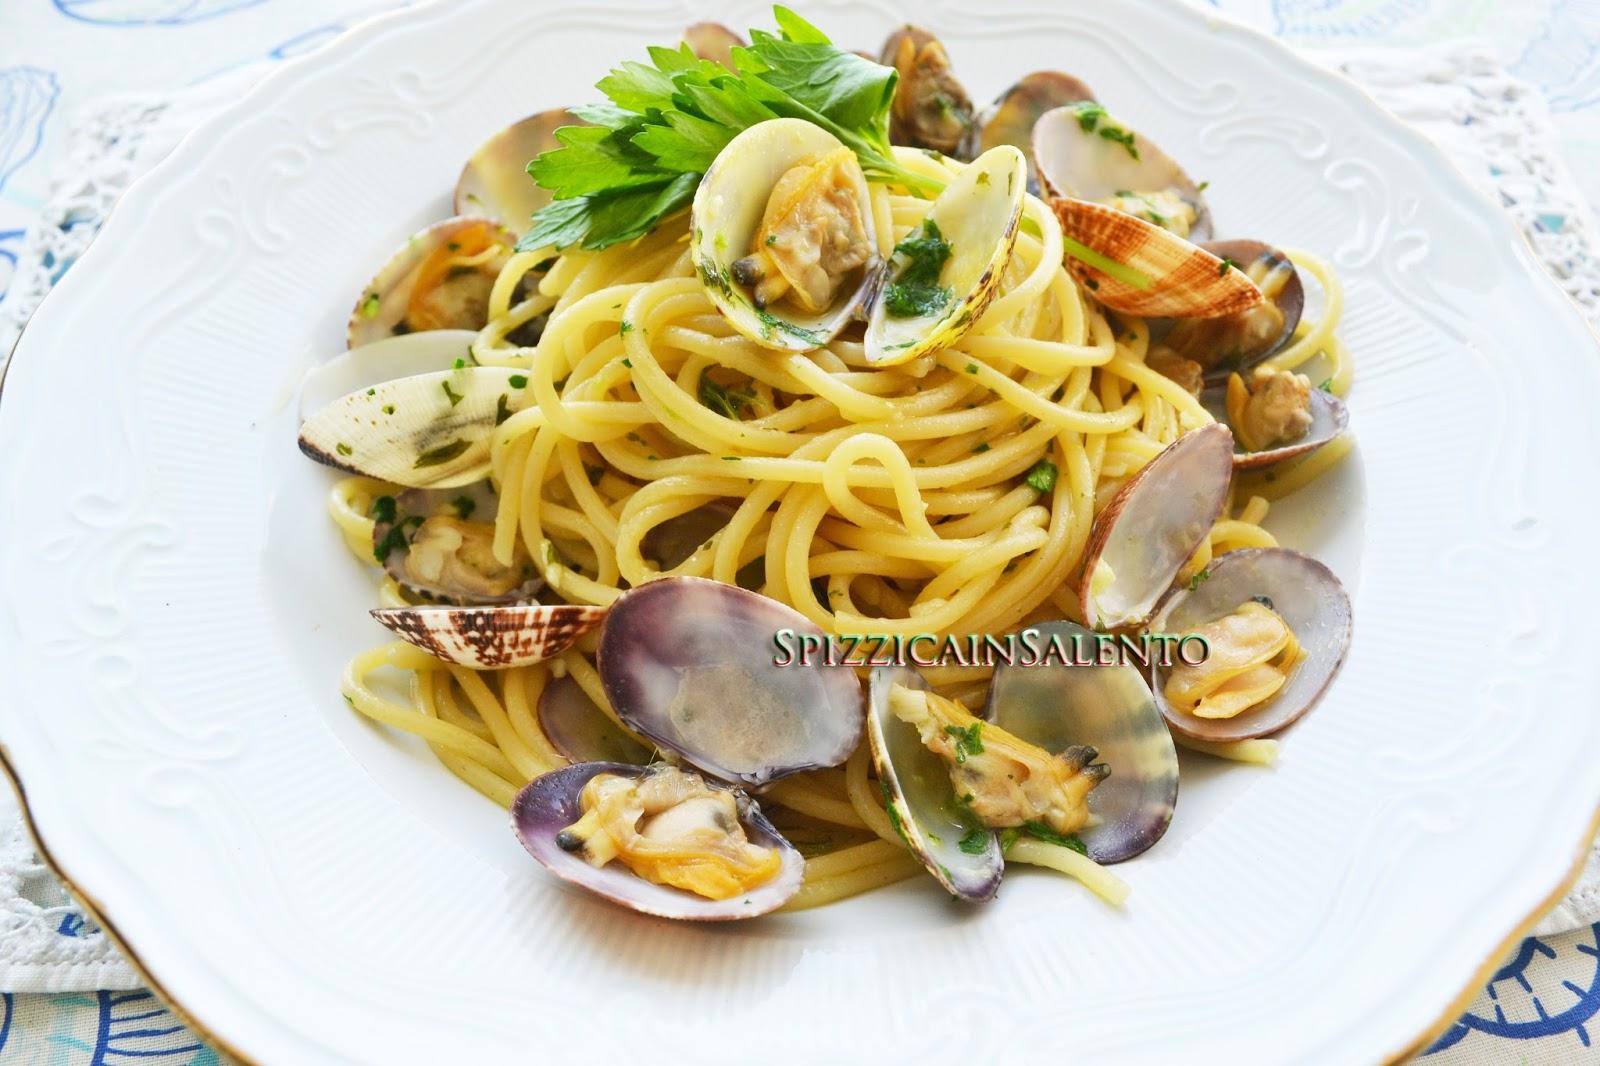 Spizzica In Salento Spaghetti Alle Vongole Veraci Ben Arrivata Estate